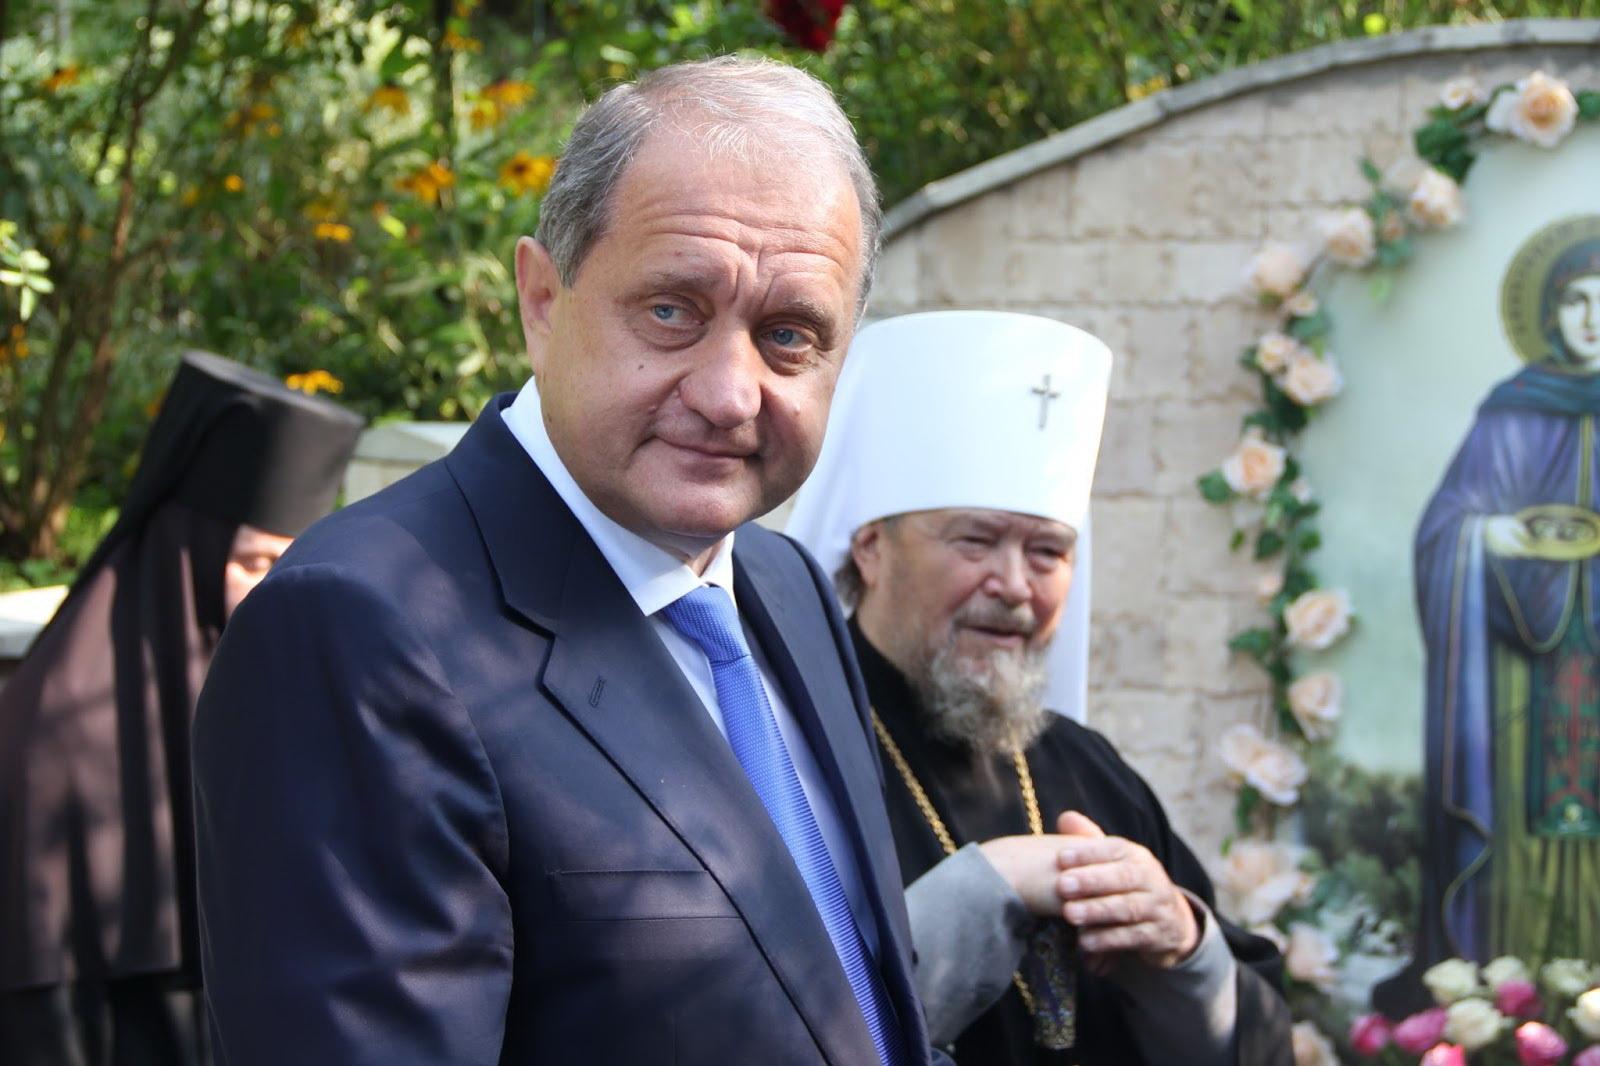 Прямо растворился в воздухе: ГПУ приостановила дело по Захарченко из-за того, что он «скрывается»